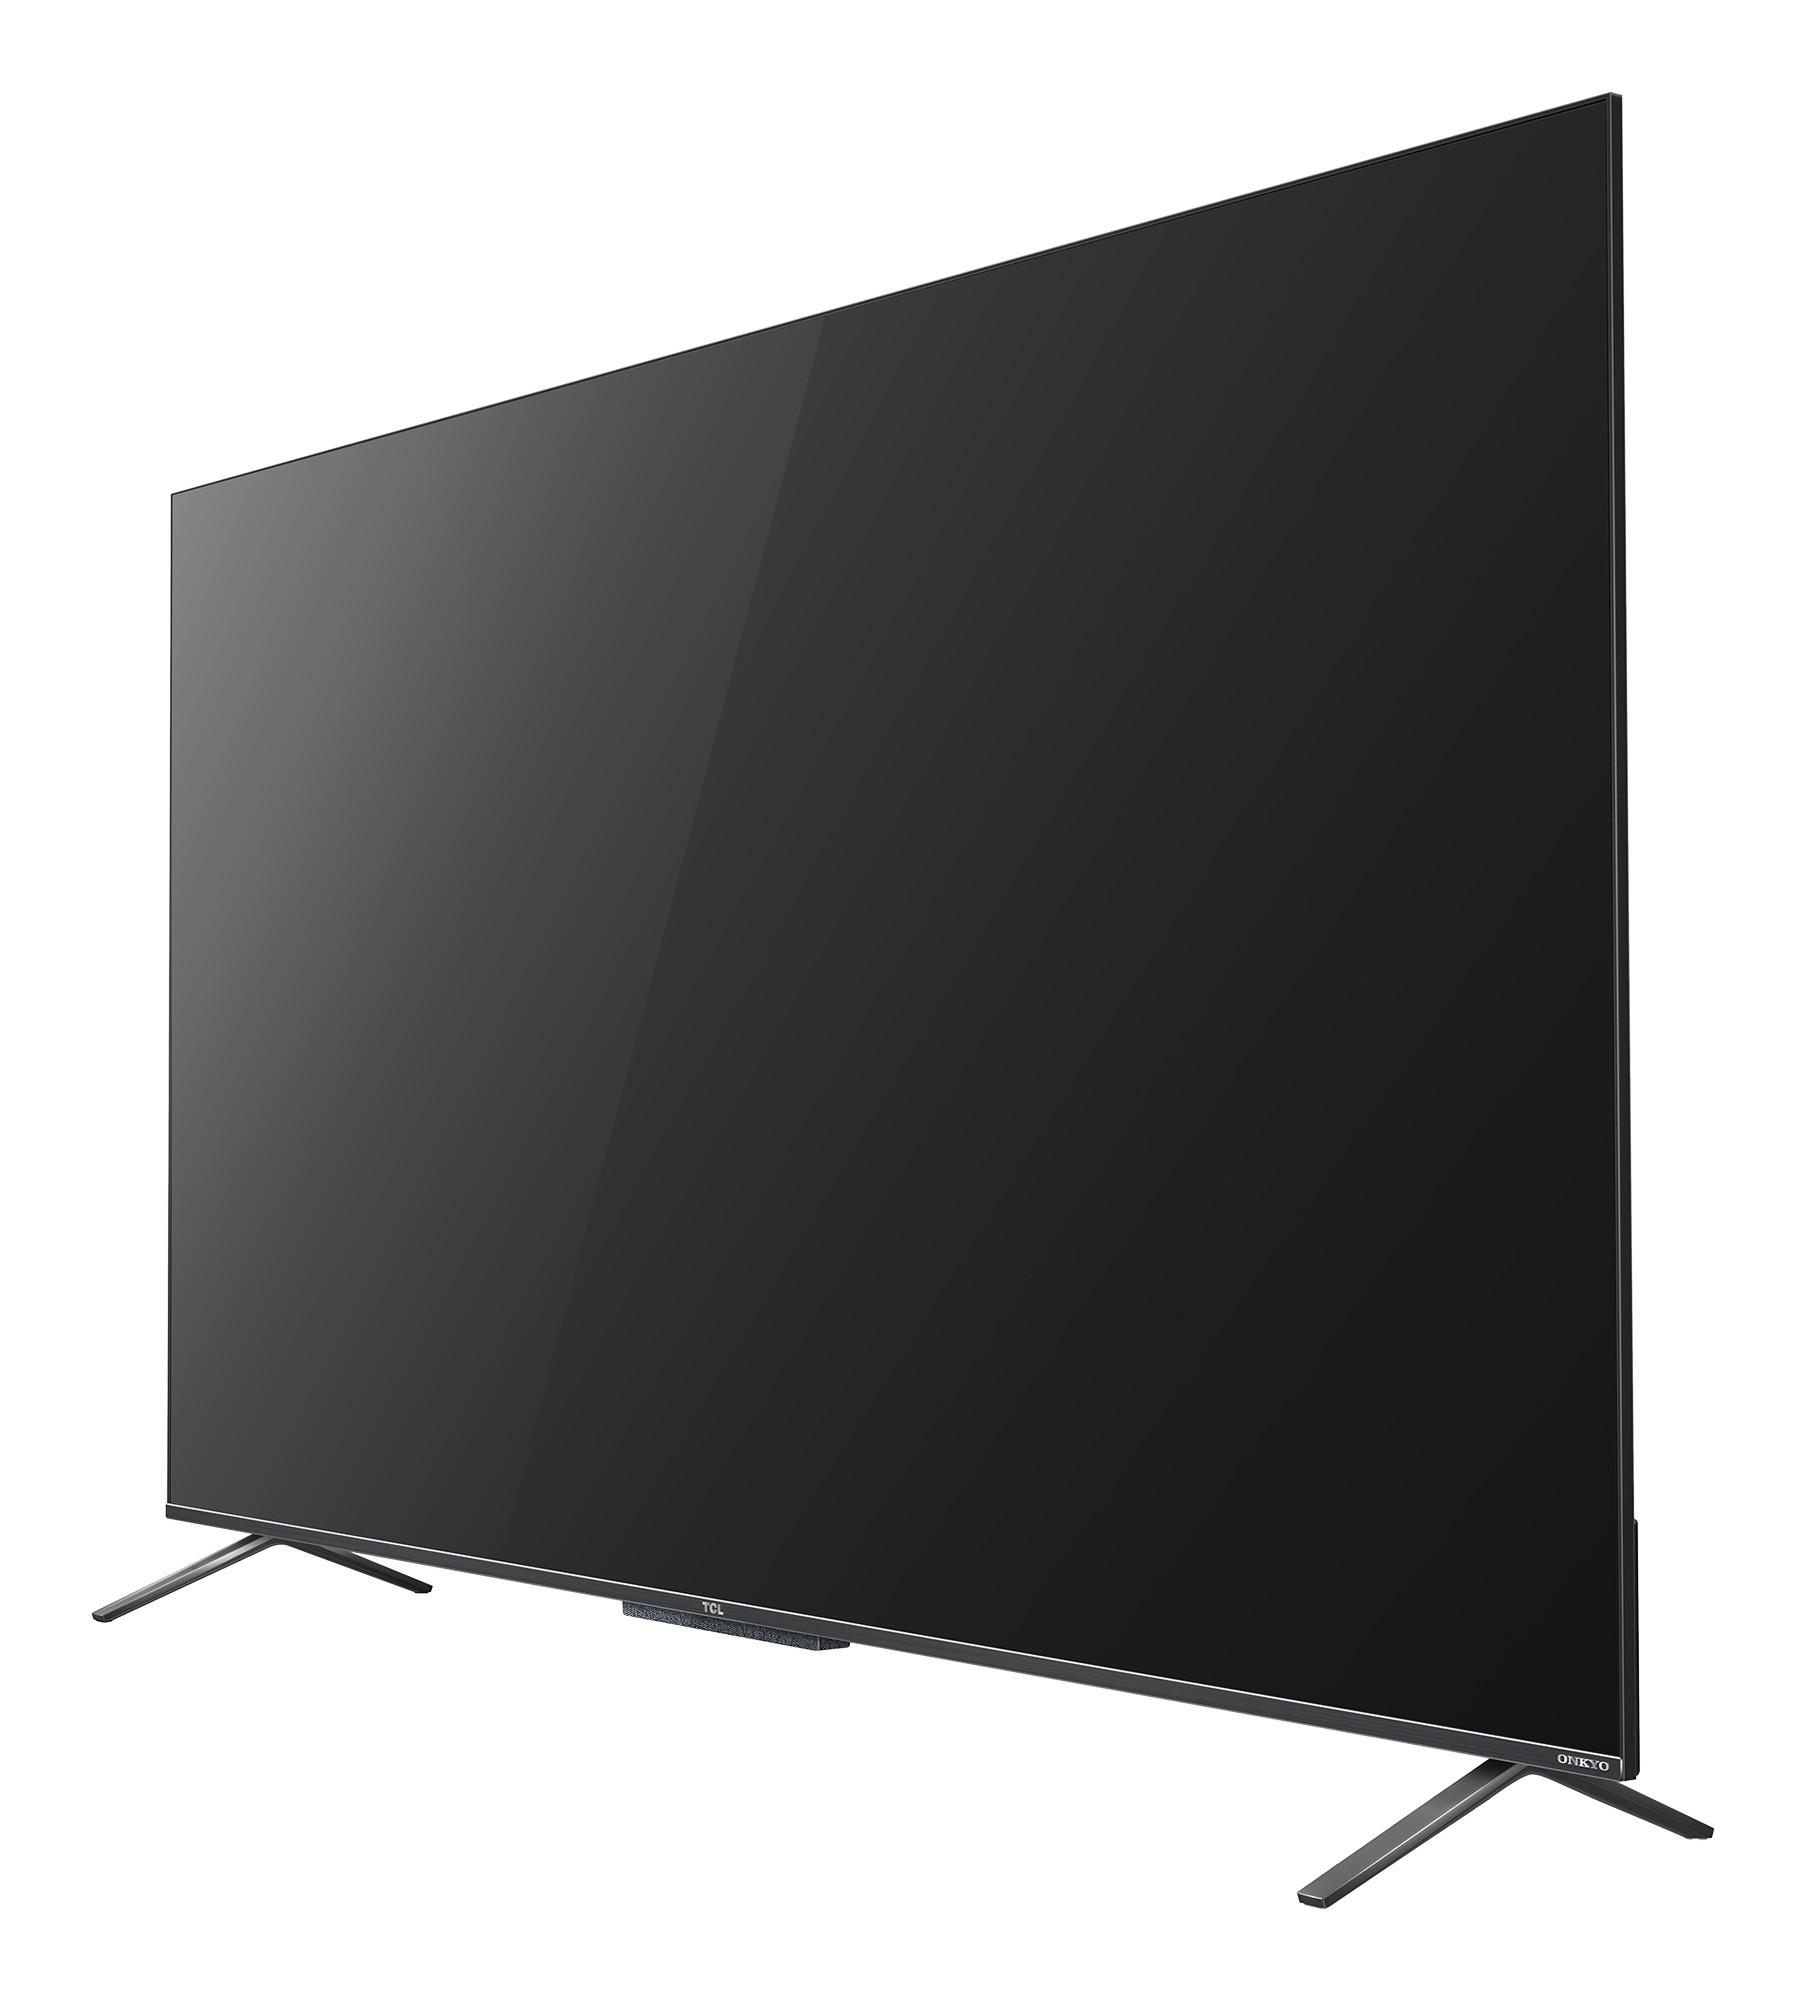 Обзор телевизора Tcl 55c725